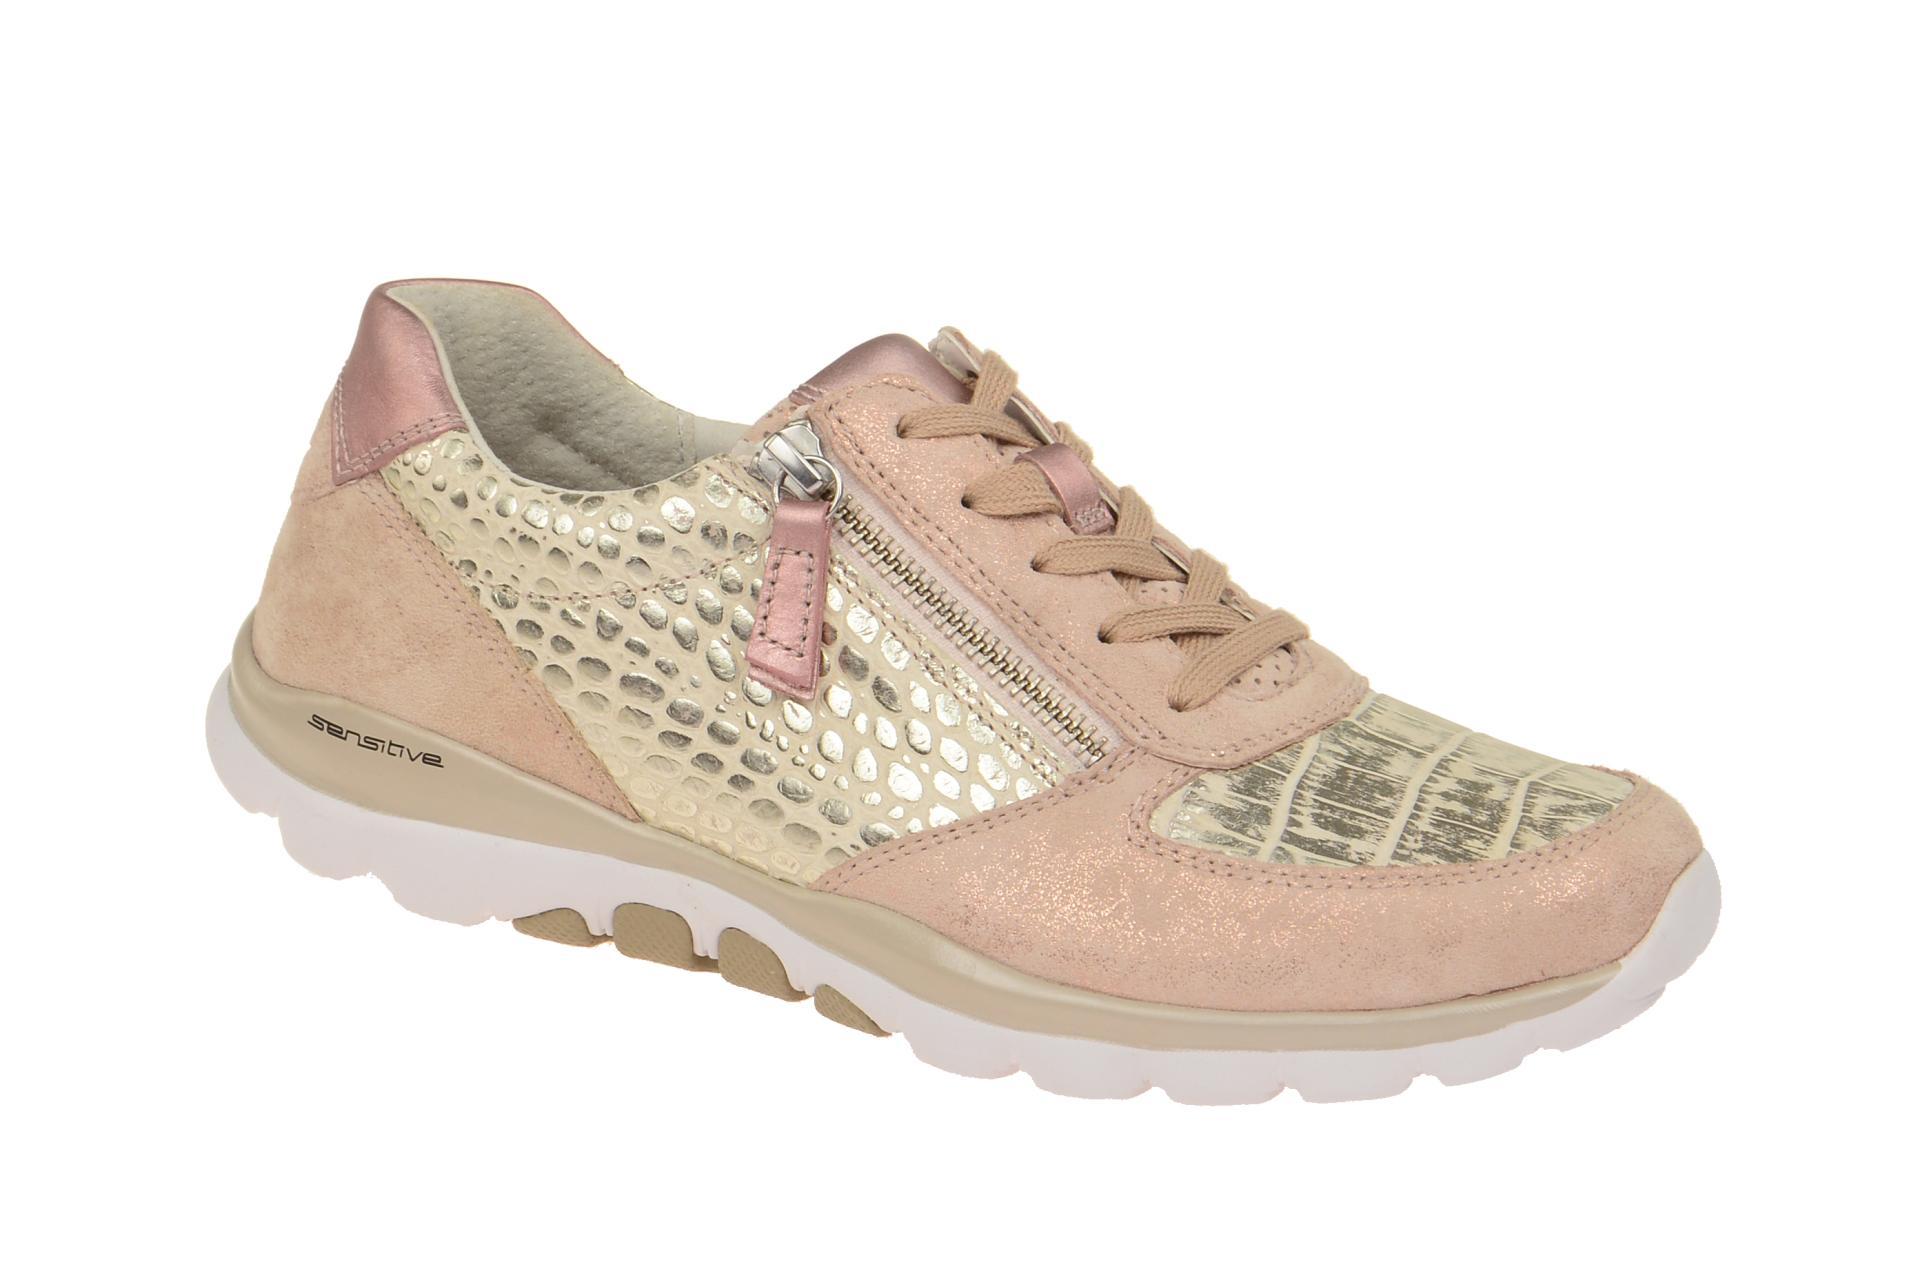 Großhandel bezahlbarer Preis Angebot Details zu Gabor Schuhe 86.968 pink Damenschuhe Halbschuhe 86.968.18 NEU